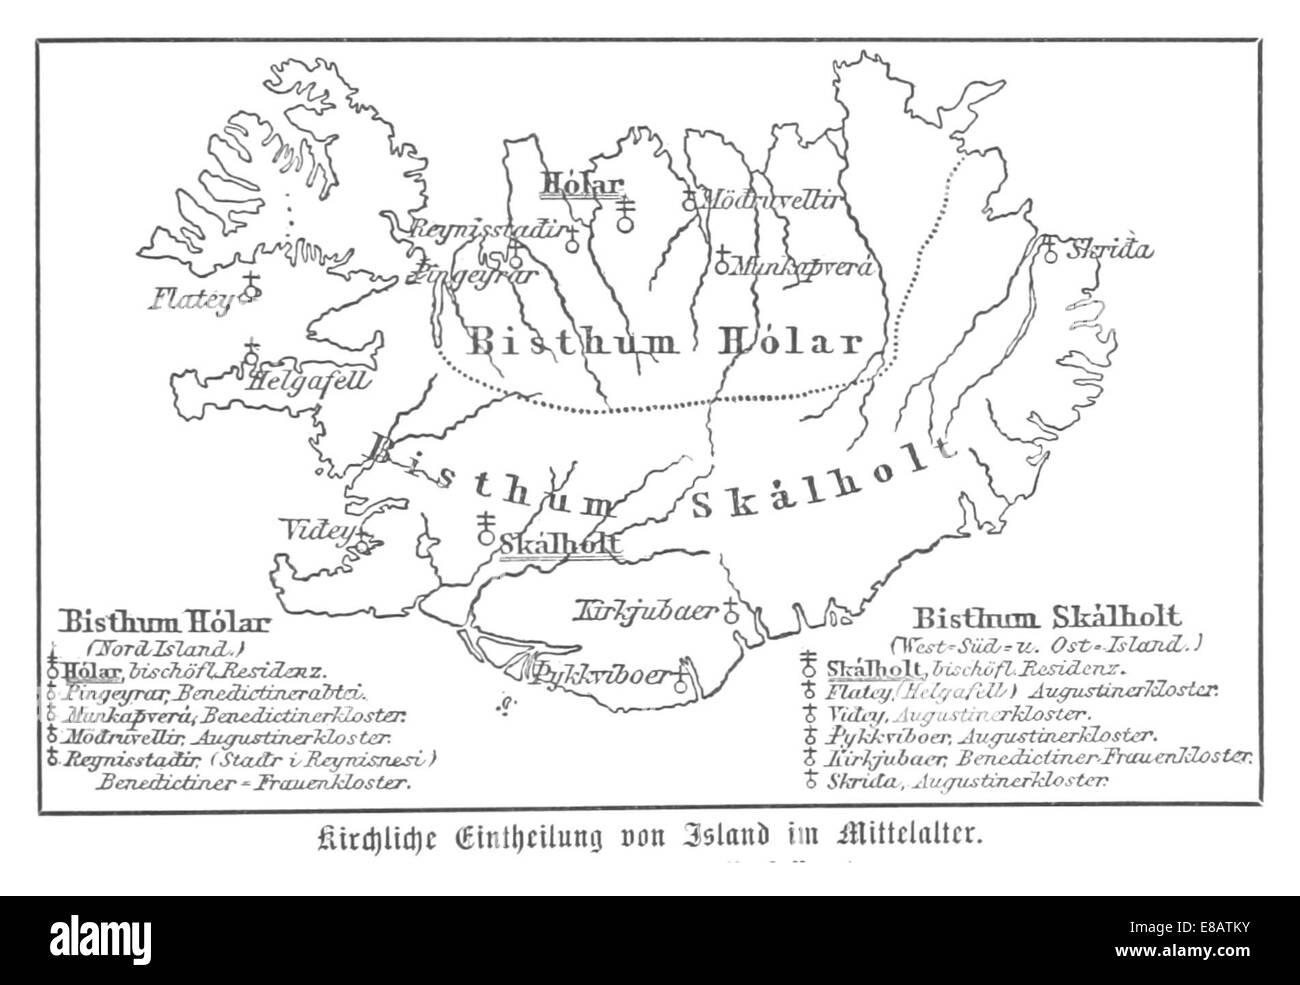 (Baumg1889) Kirchliche Einteilung (BistC3BCmer) Islands im Mittelalter - Stock Image